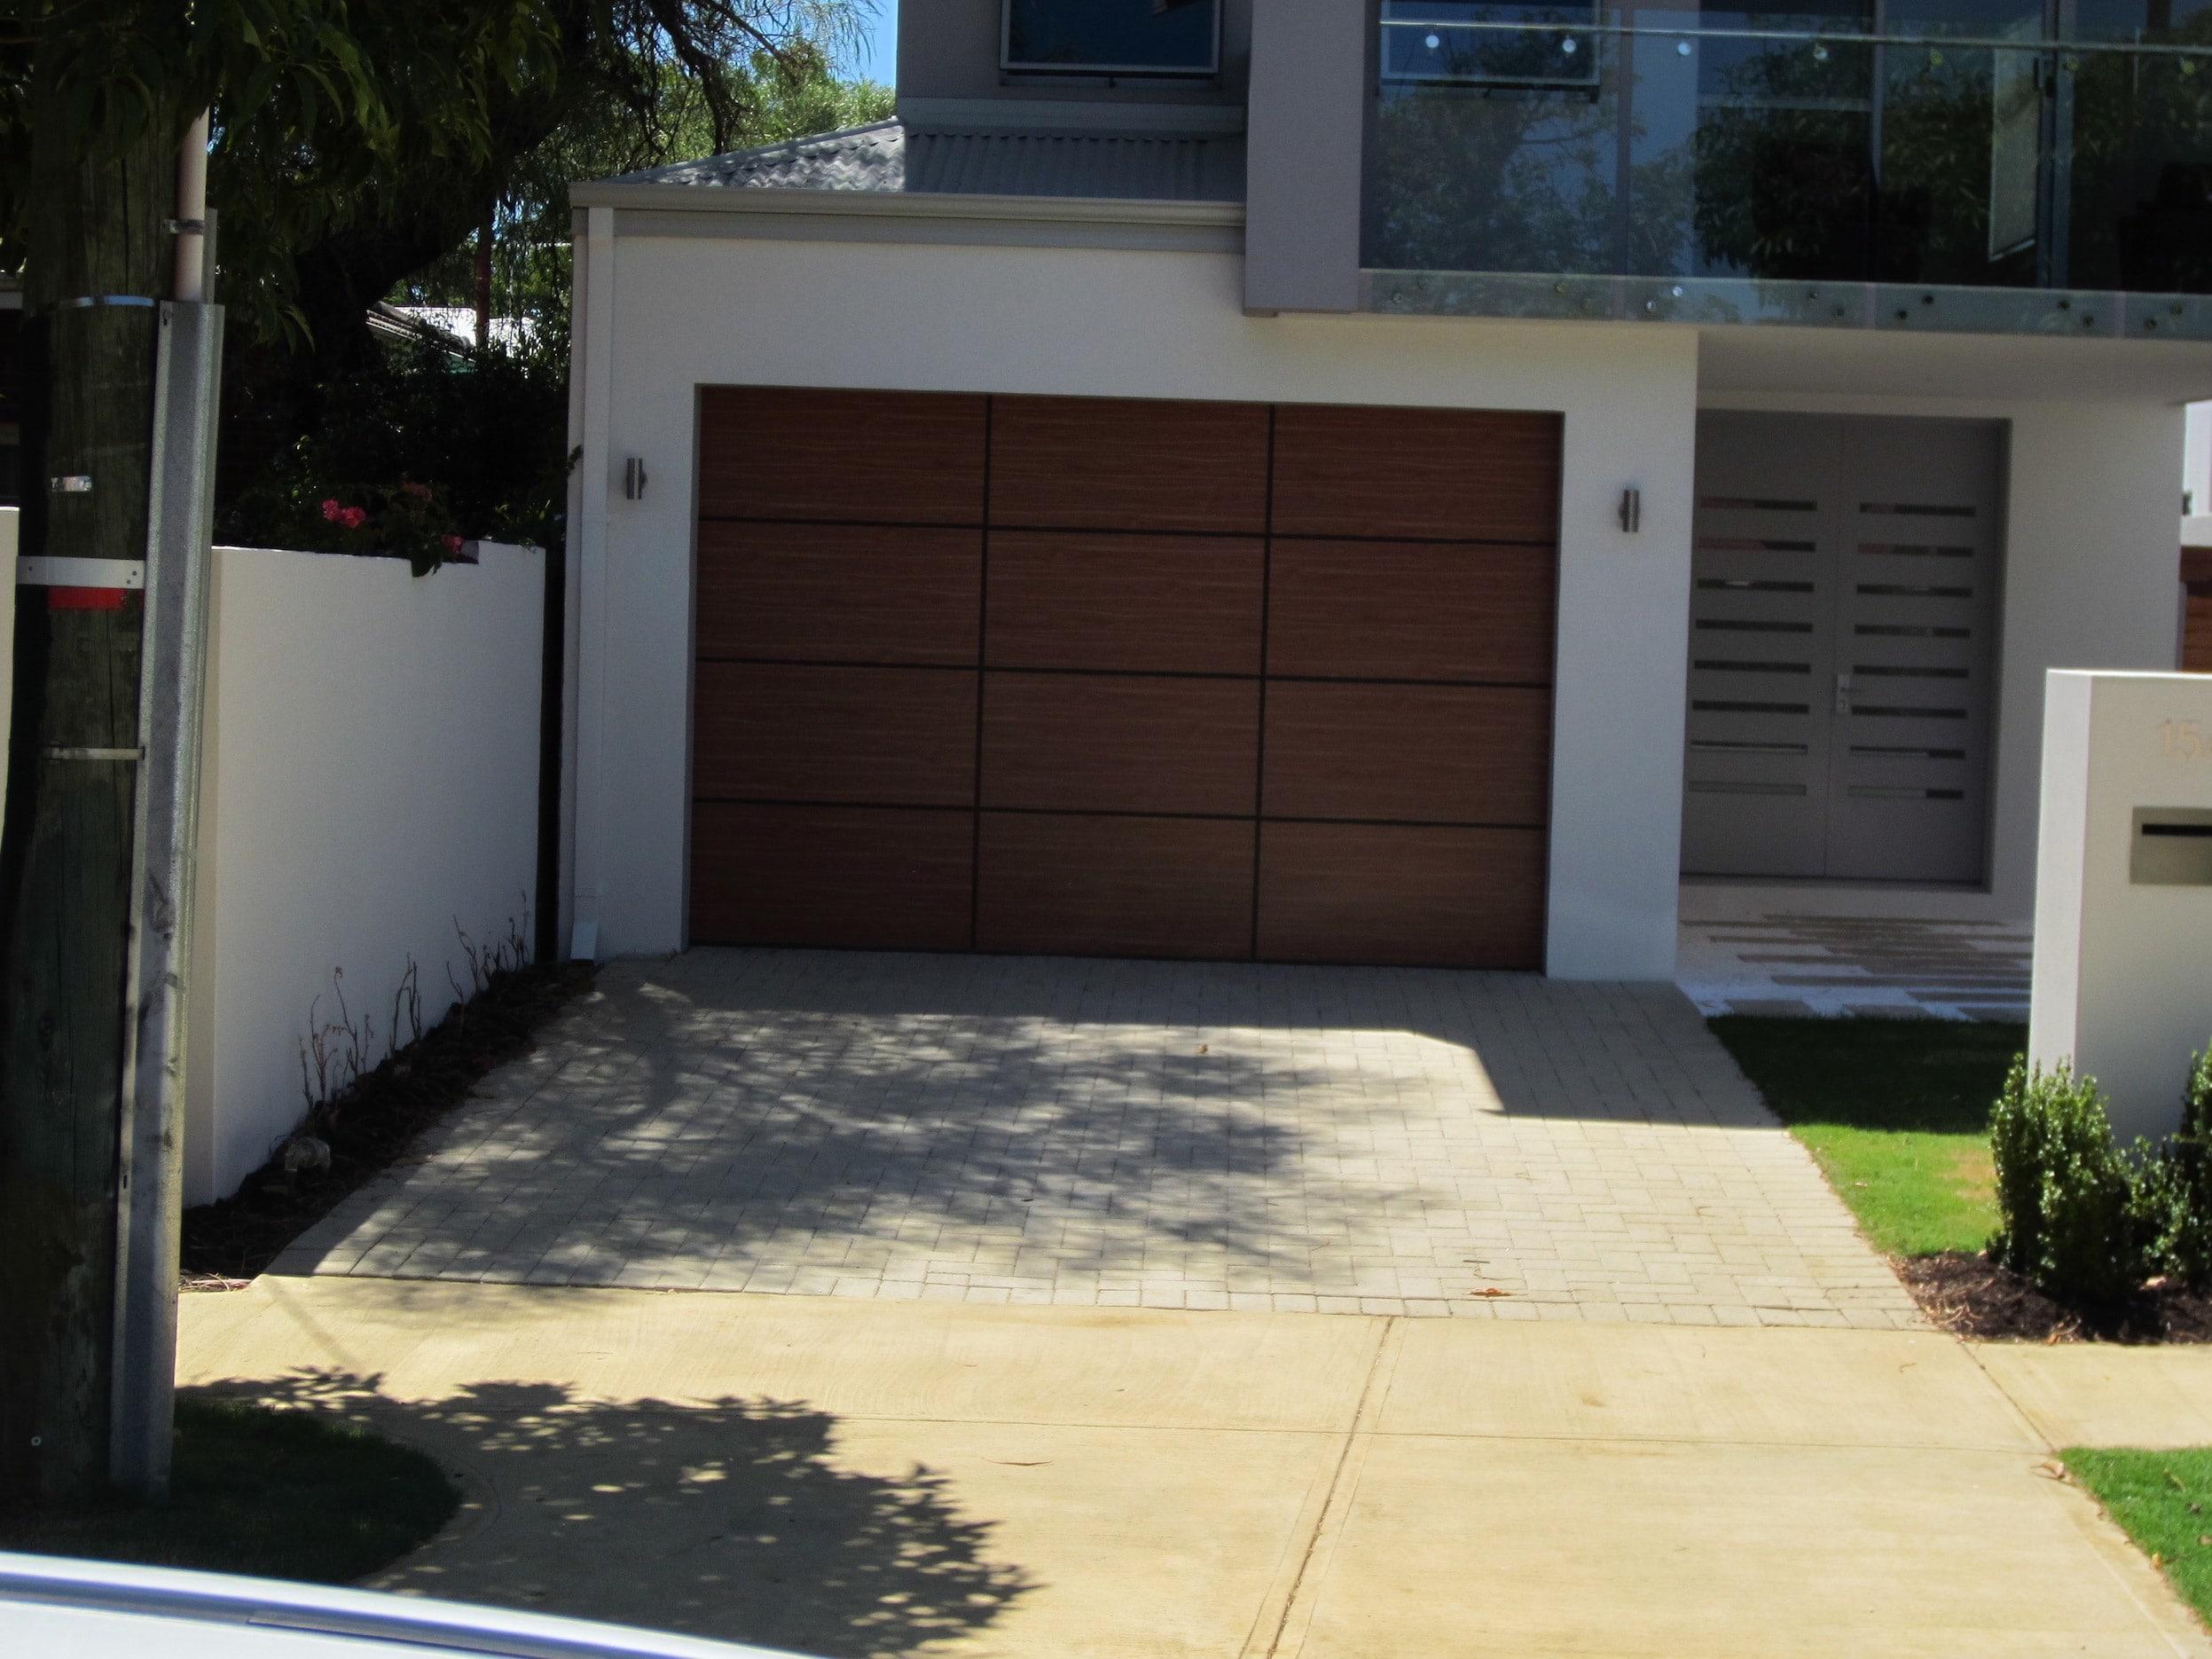 Alipanel timberlook west coast garage doors for Garage door repairs palm coast fl